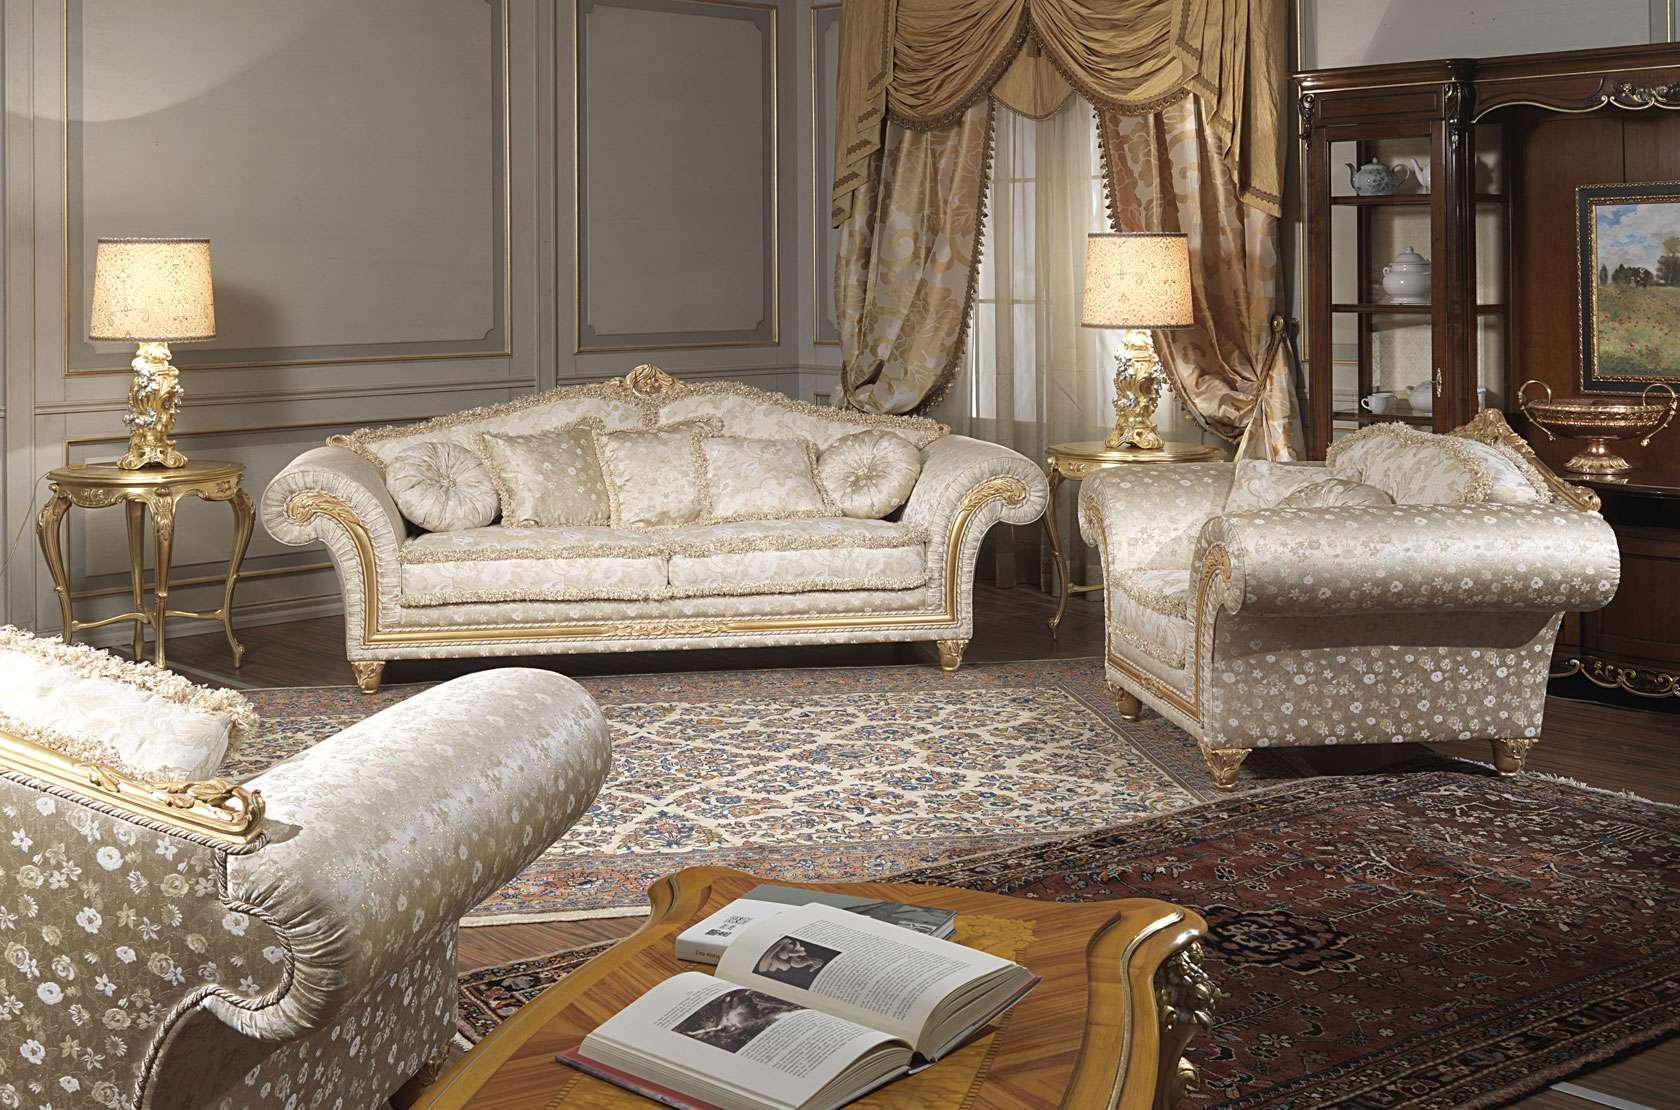 Salotto classico Imperial in stoffa fiorata | Vimercati Meda